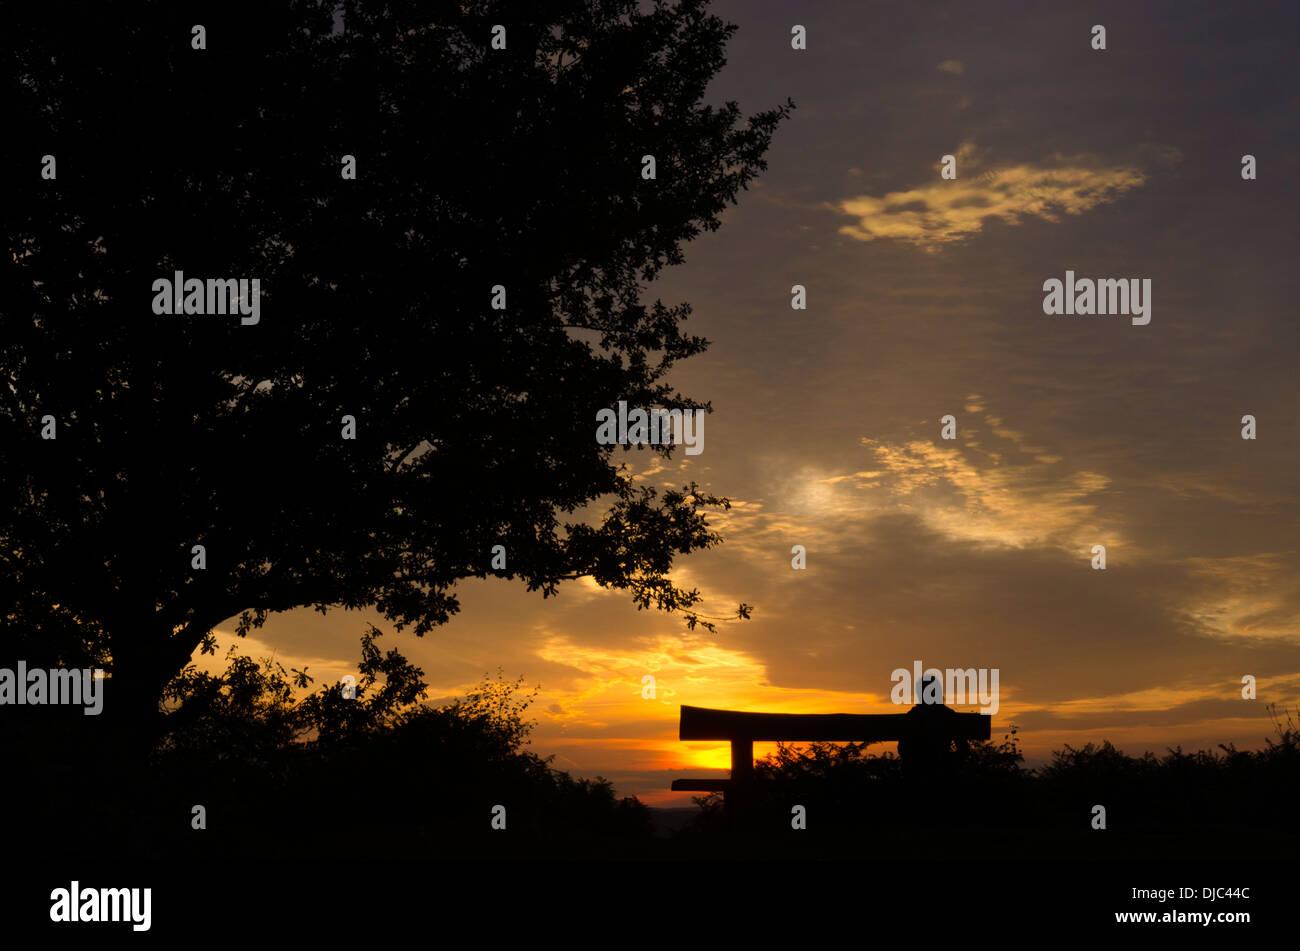 Mujer en un banco viendo la puesta de sol desde la colina sobre antiguos Woolbeding común, West Sussex, Reino Unido. De septiembre. Imagen De Stock